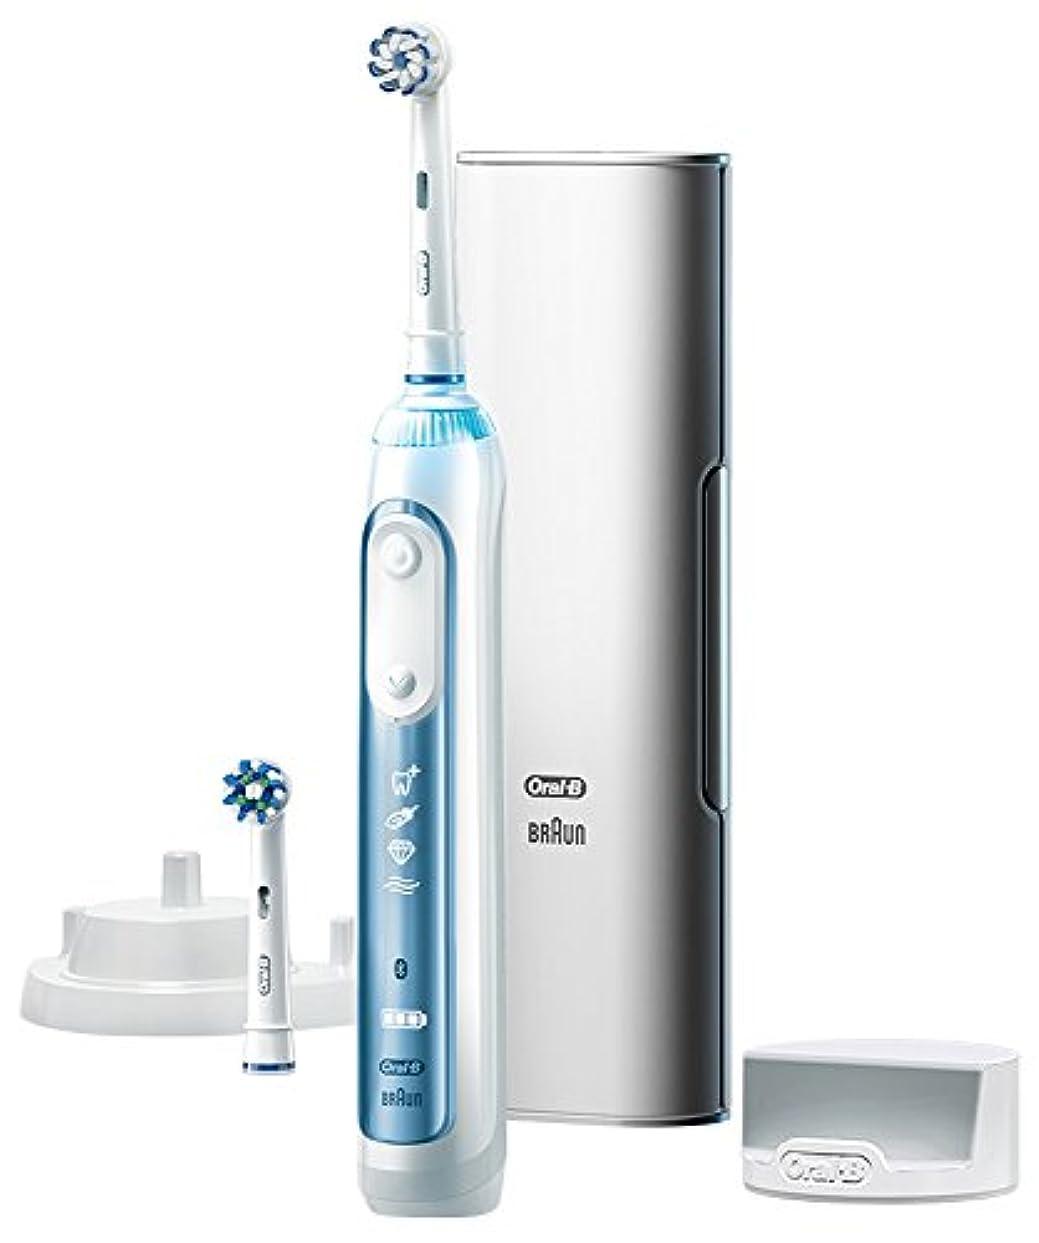 のぞき穴タバコこするブラウン オーラルB 電動歯ブラシ スマート7000 D7005245XP D7005245XP